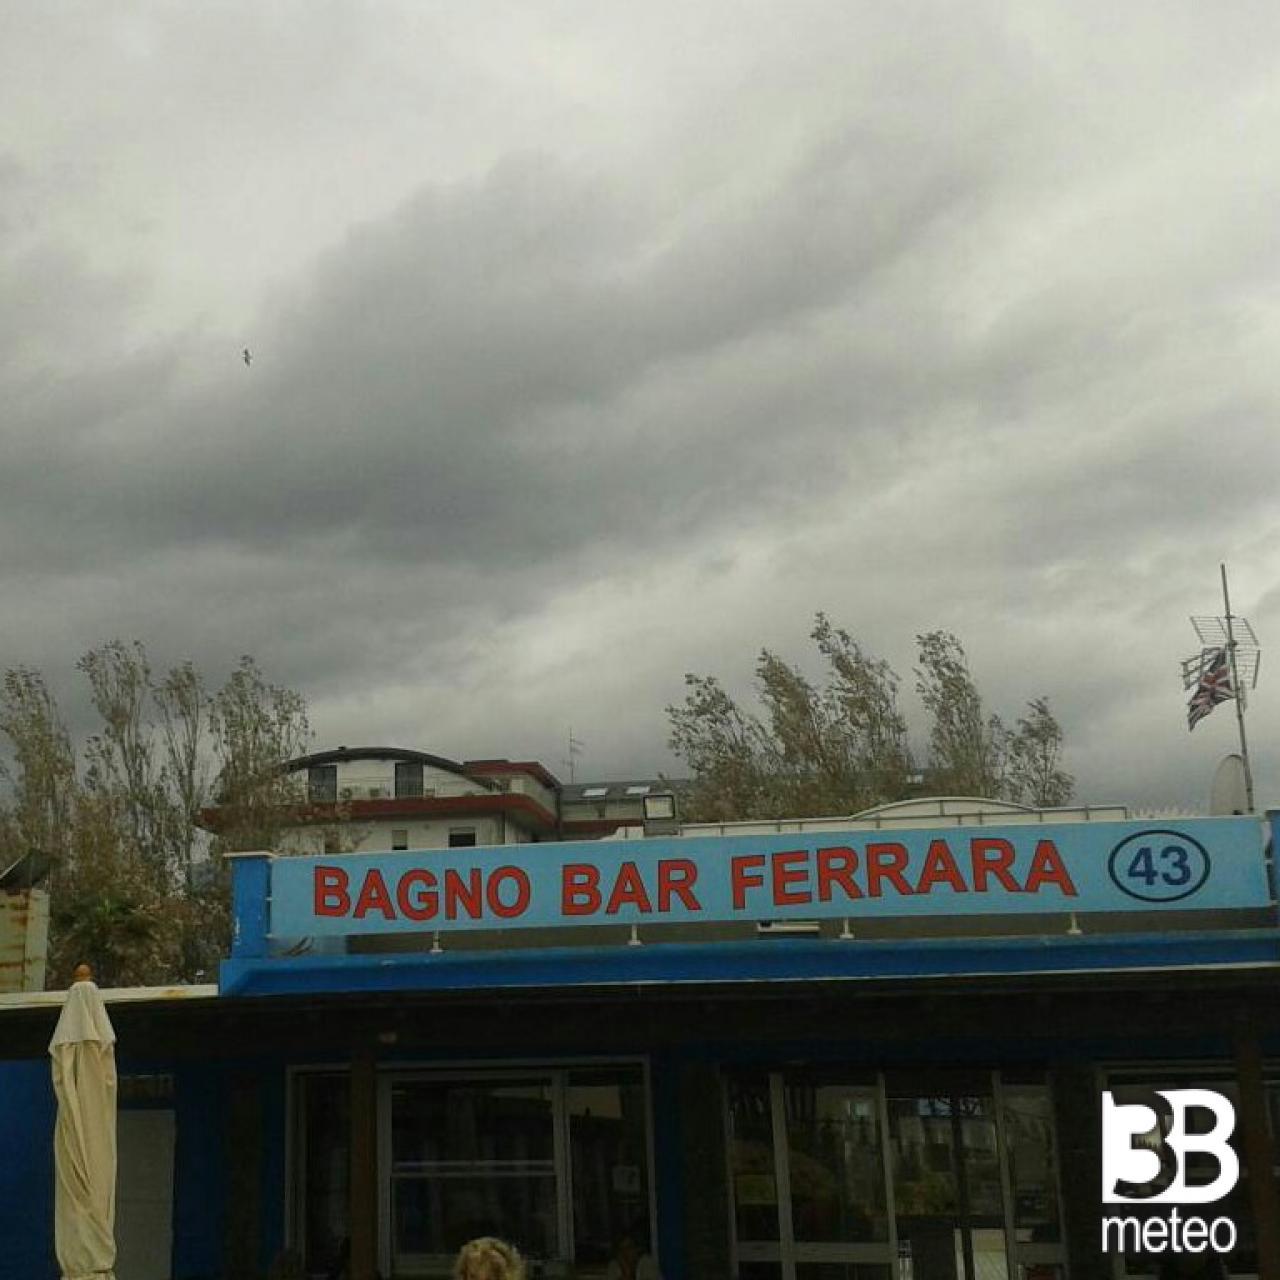 Fotosegnalazione di cesenatico foto gallery 3b meteo - 3b meteo bagno di romagna ...